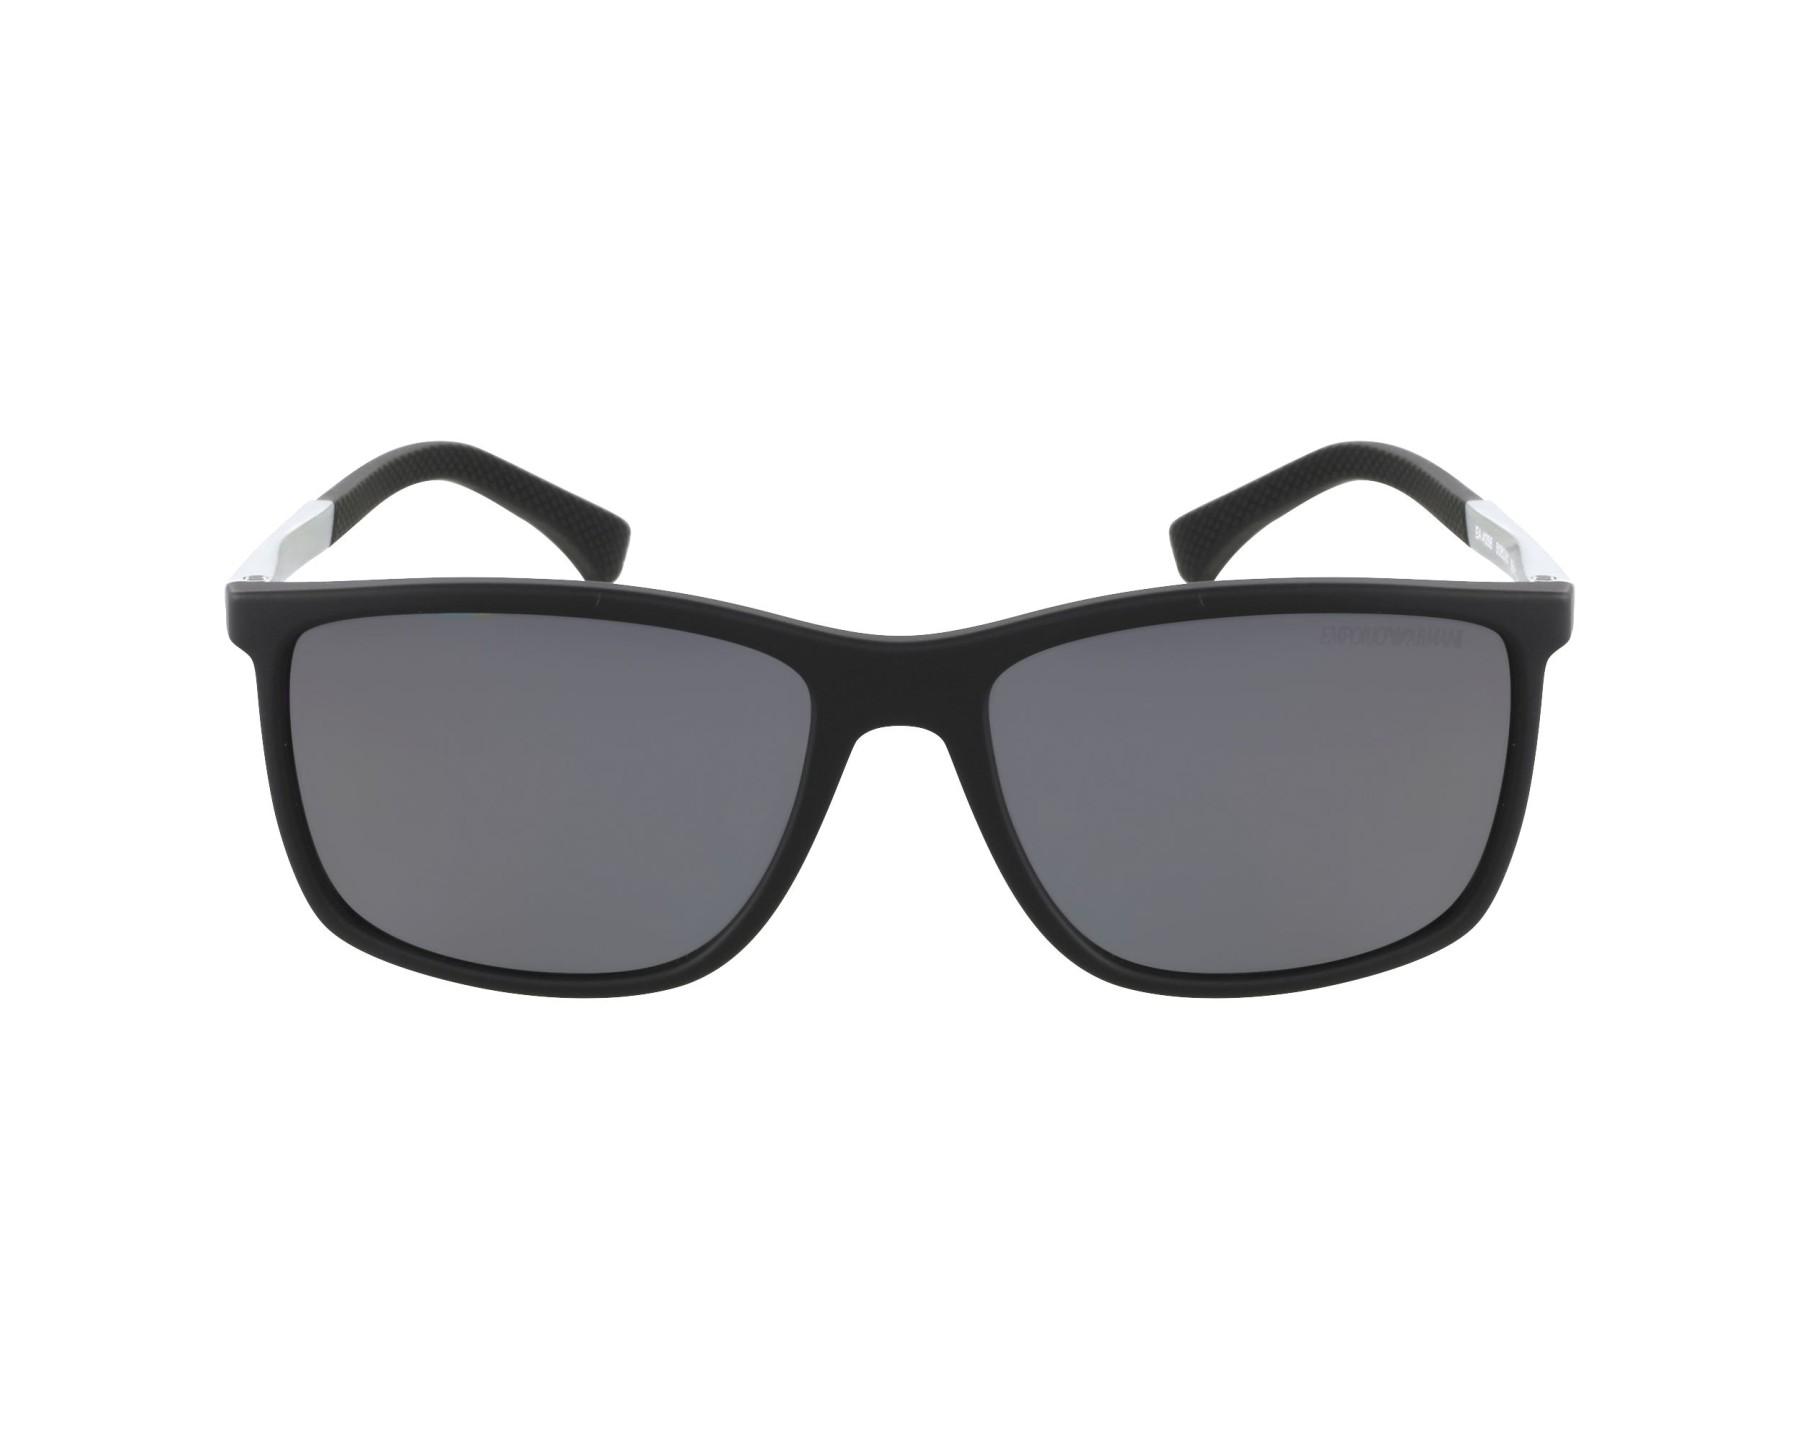 f21355f51a9 Polarized. Sunglasses Emporio Armani EA-4058 5063 81 58-17 Black Silver  profile view